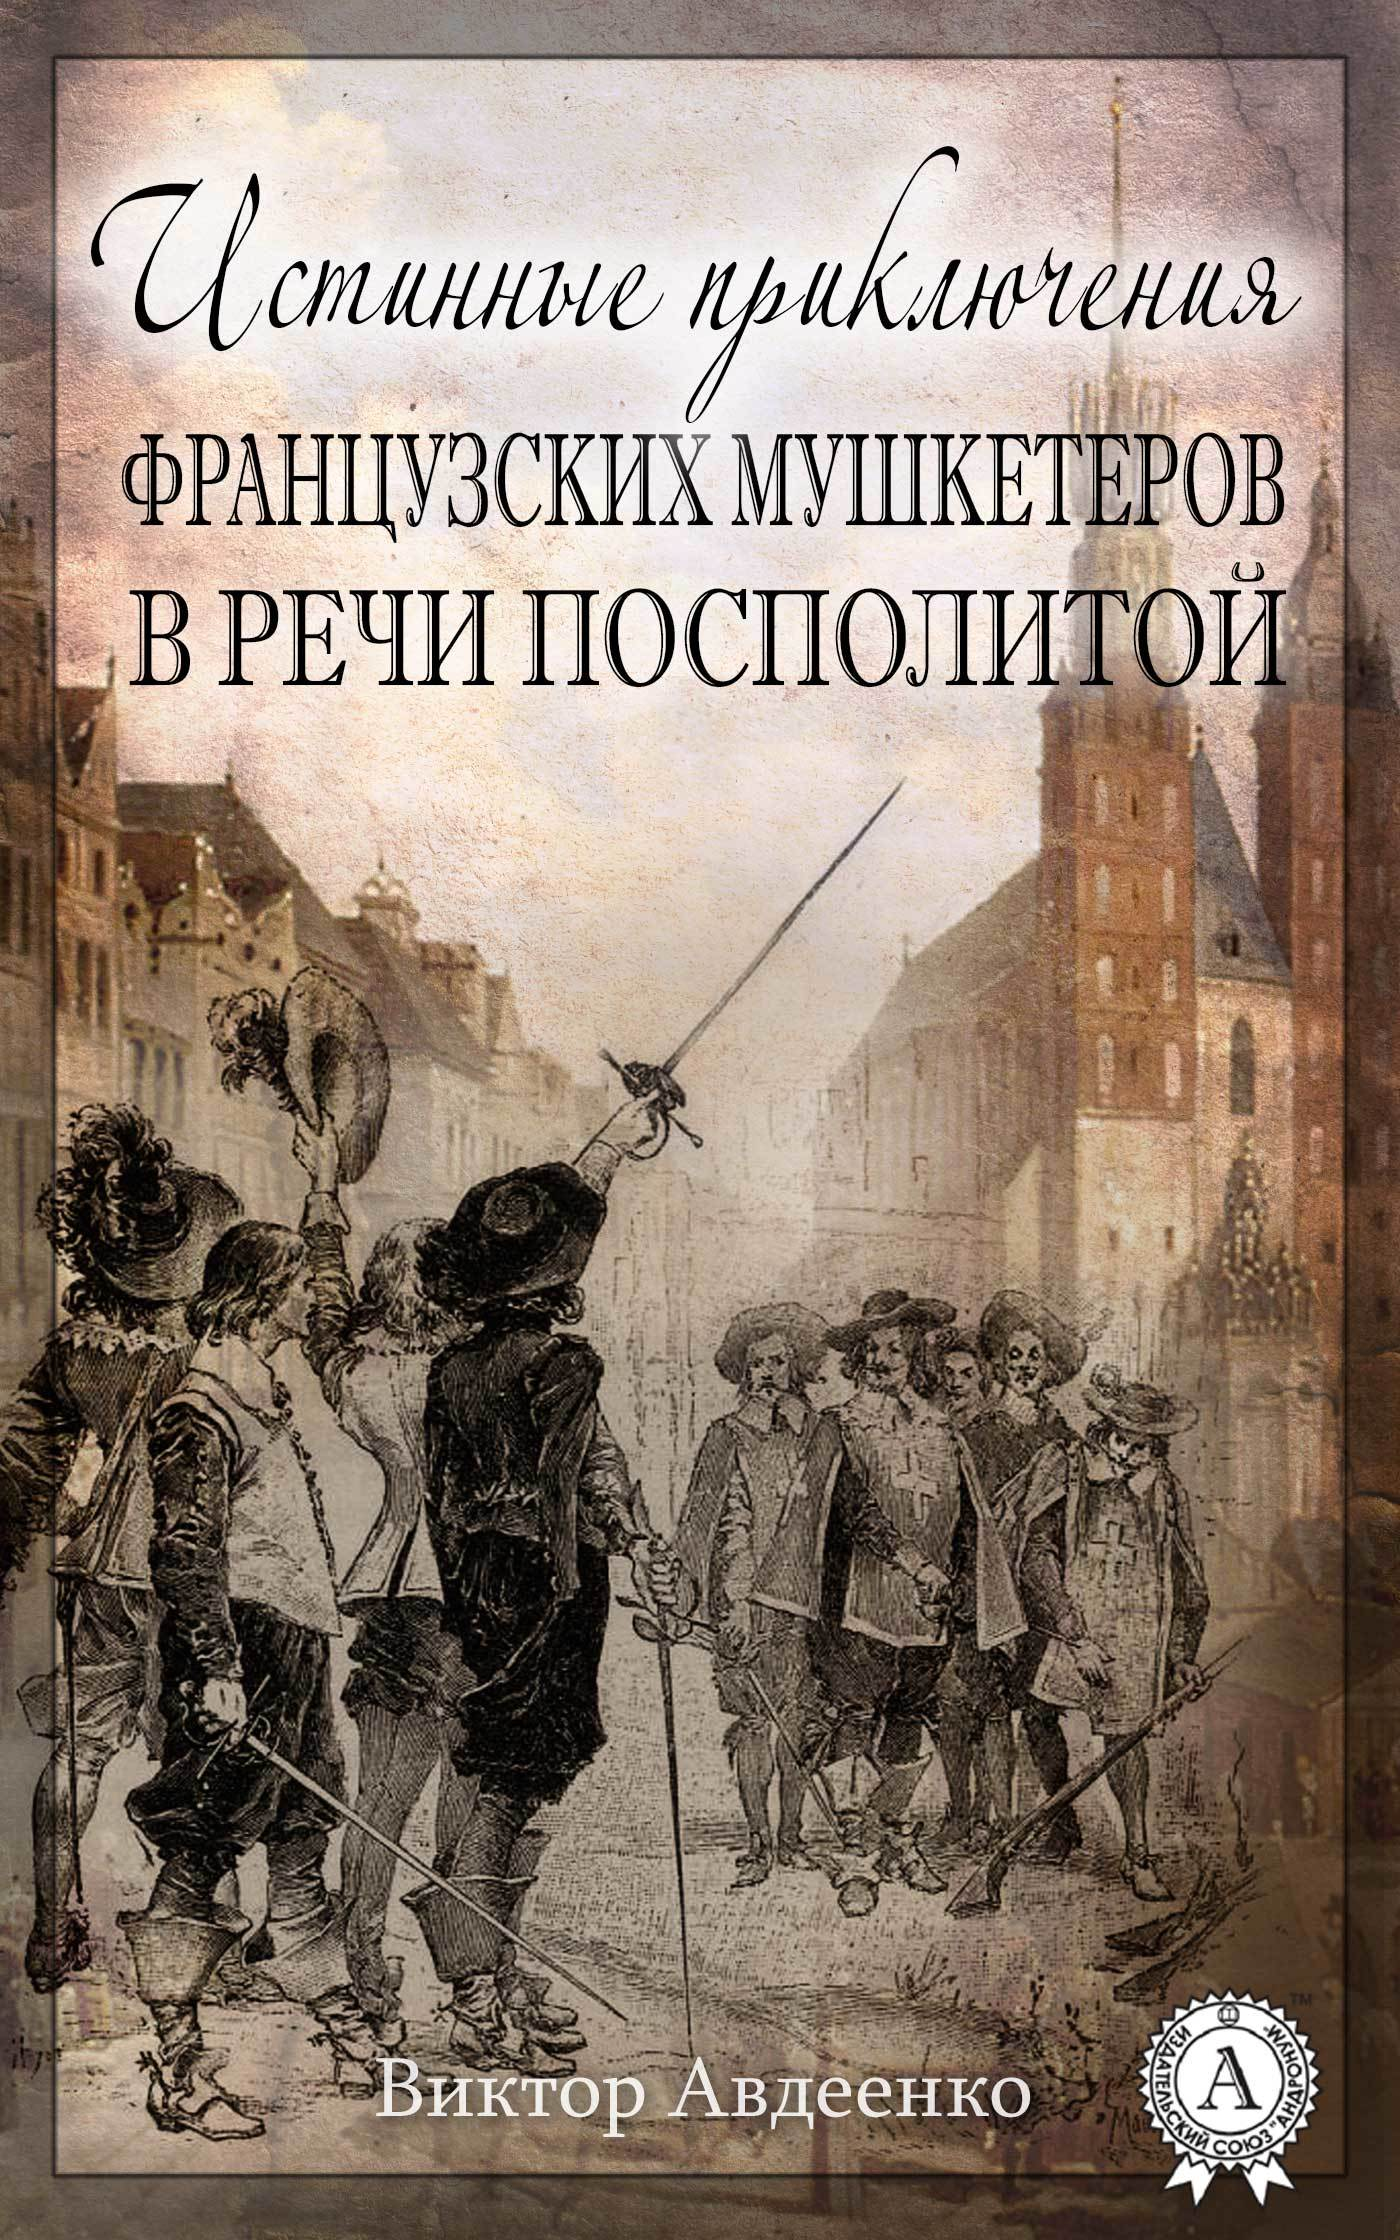 Виктор Авдеенко - Истинные приключения французских мушкетеров в Речи Посполитой